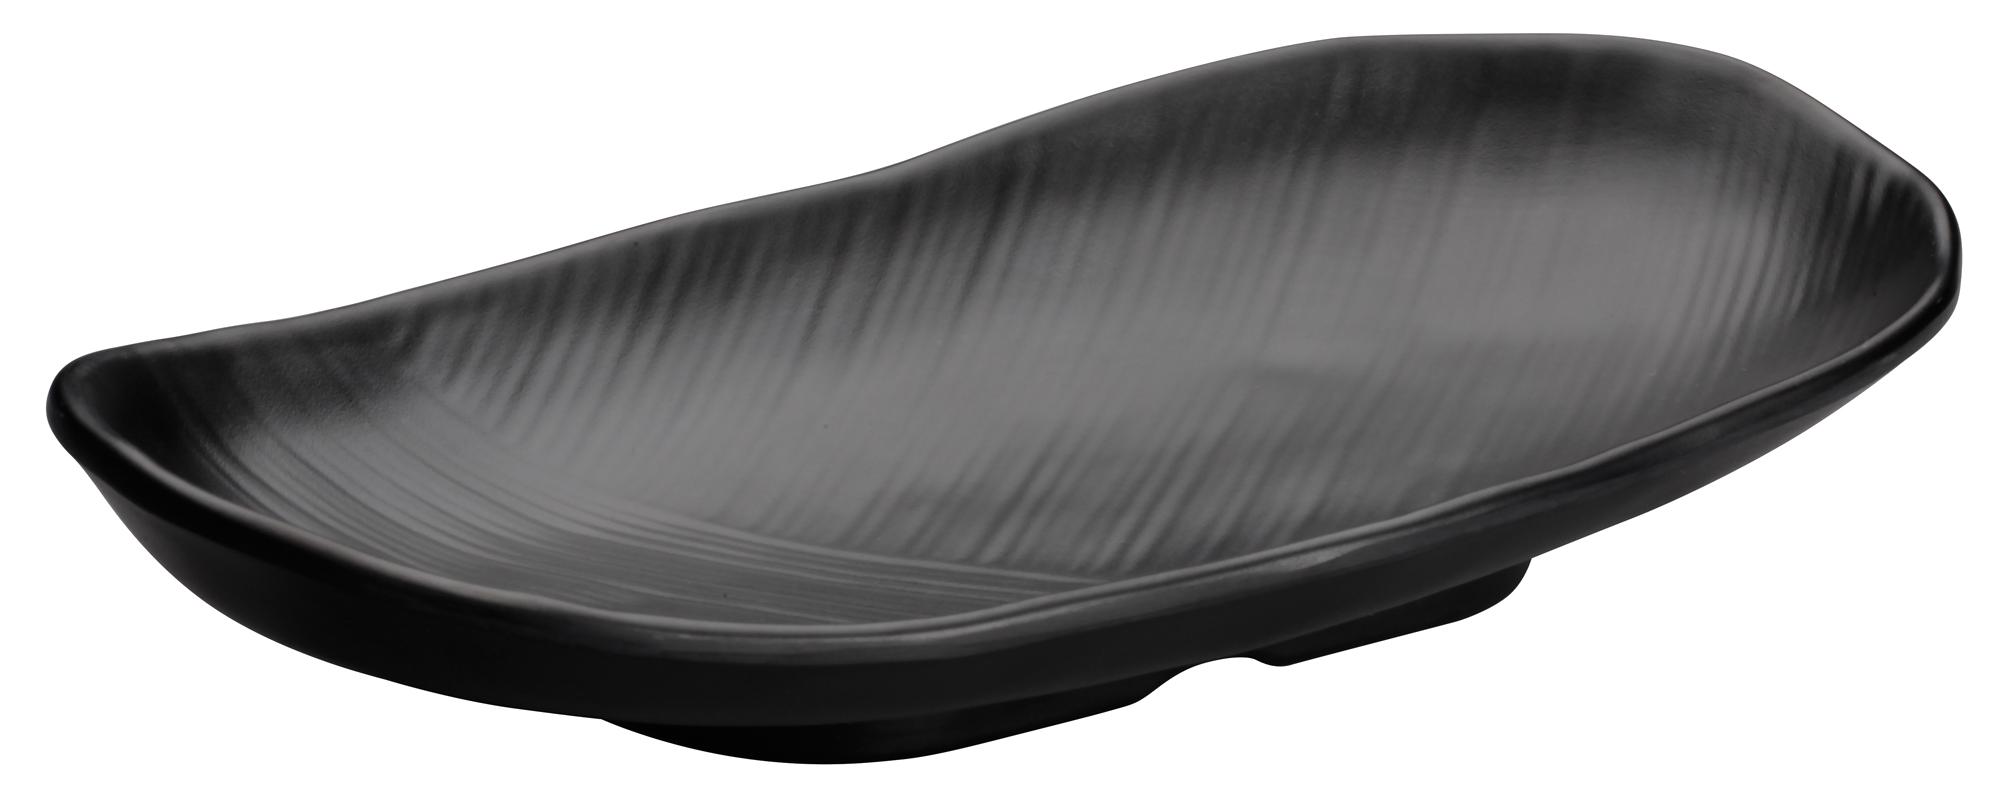 Winco WDM016-301 plate, plastic